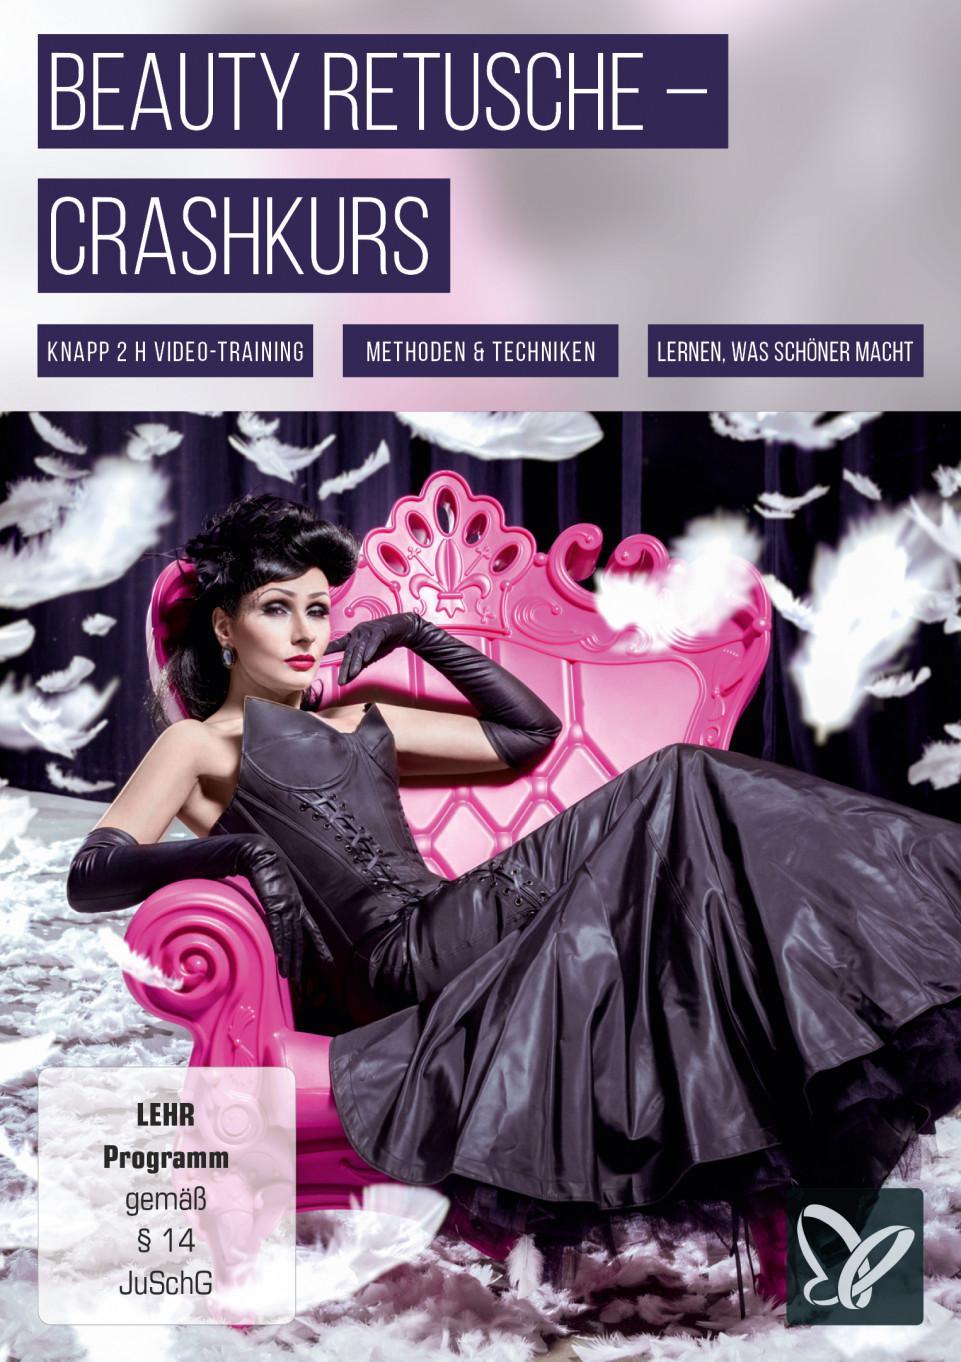 Beauty-Retusche – Crashkurs